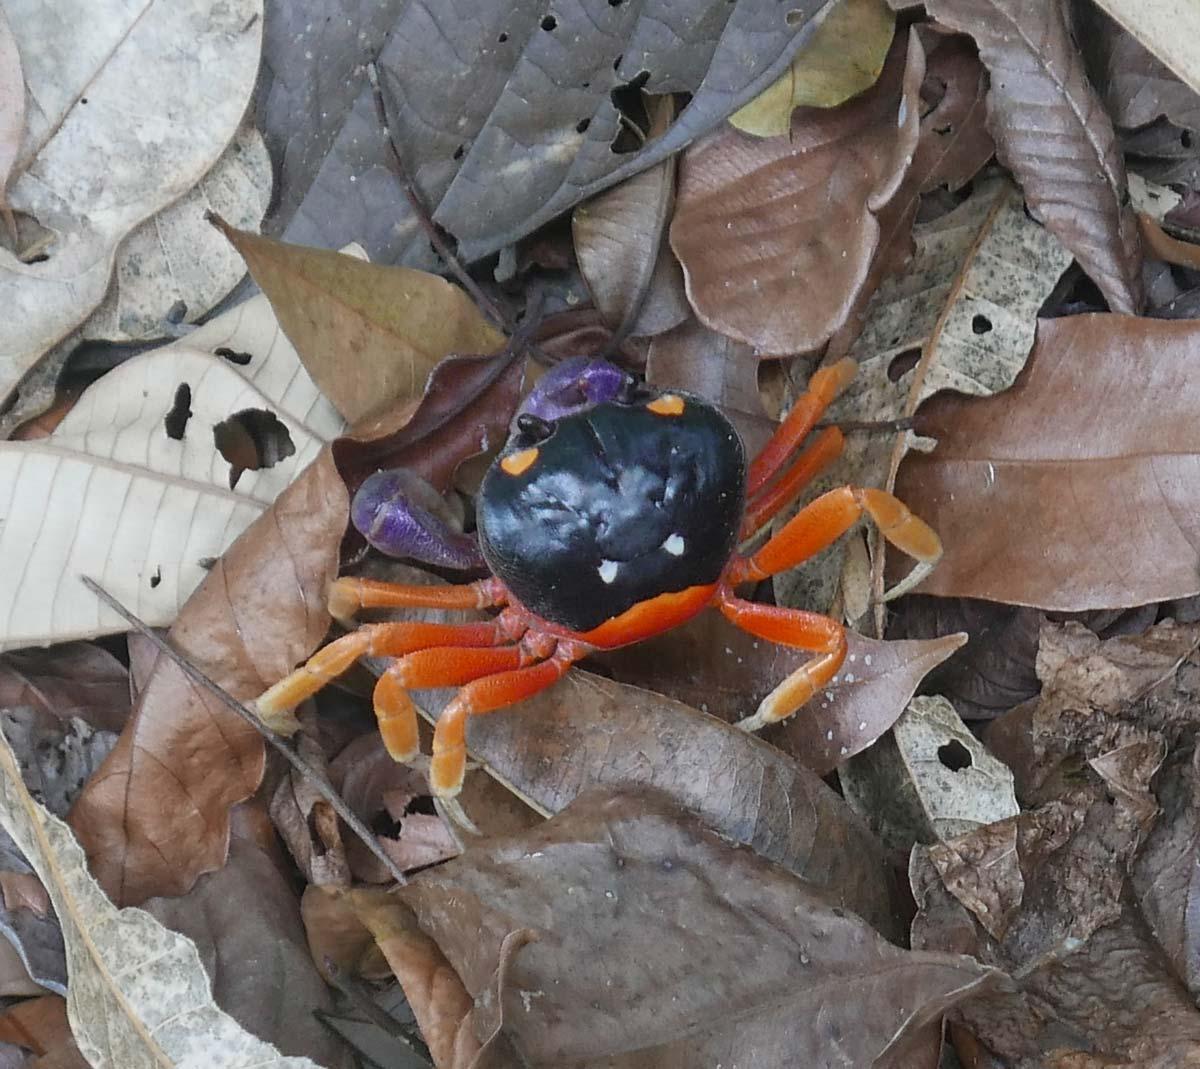 Sea crab in Manuel Antonio national park